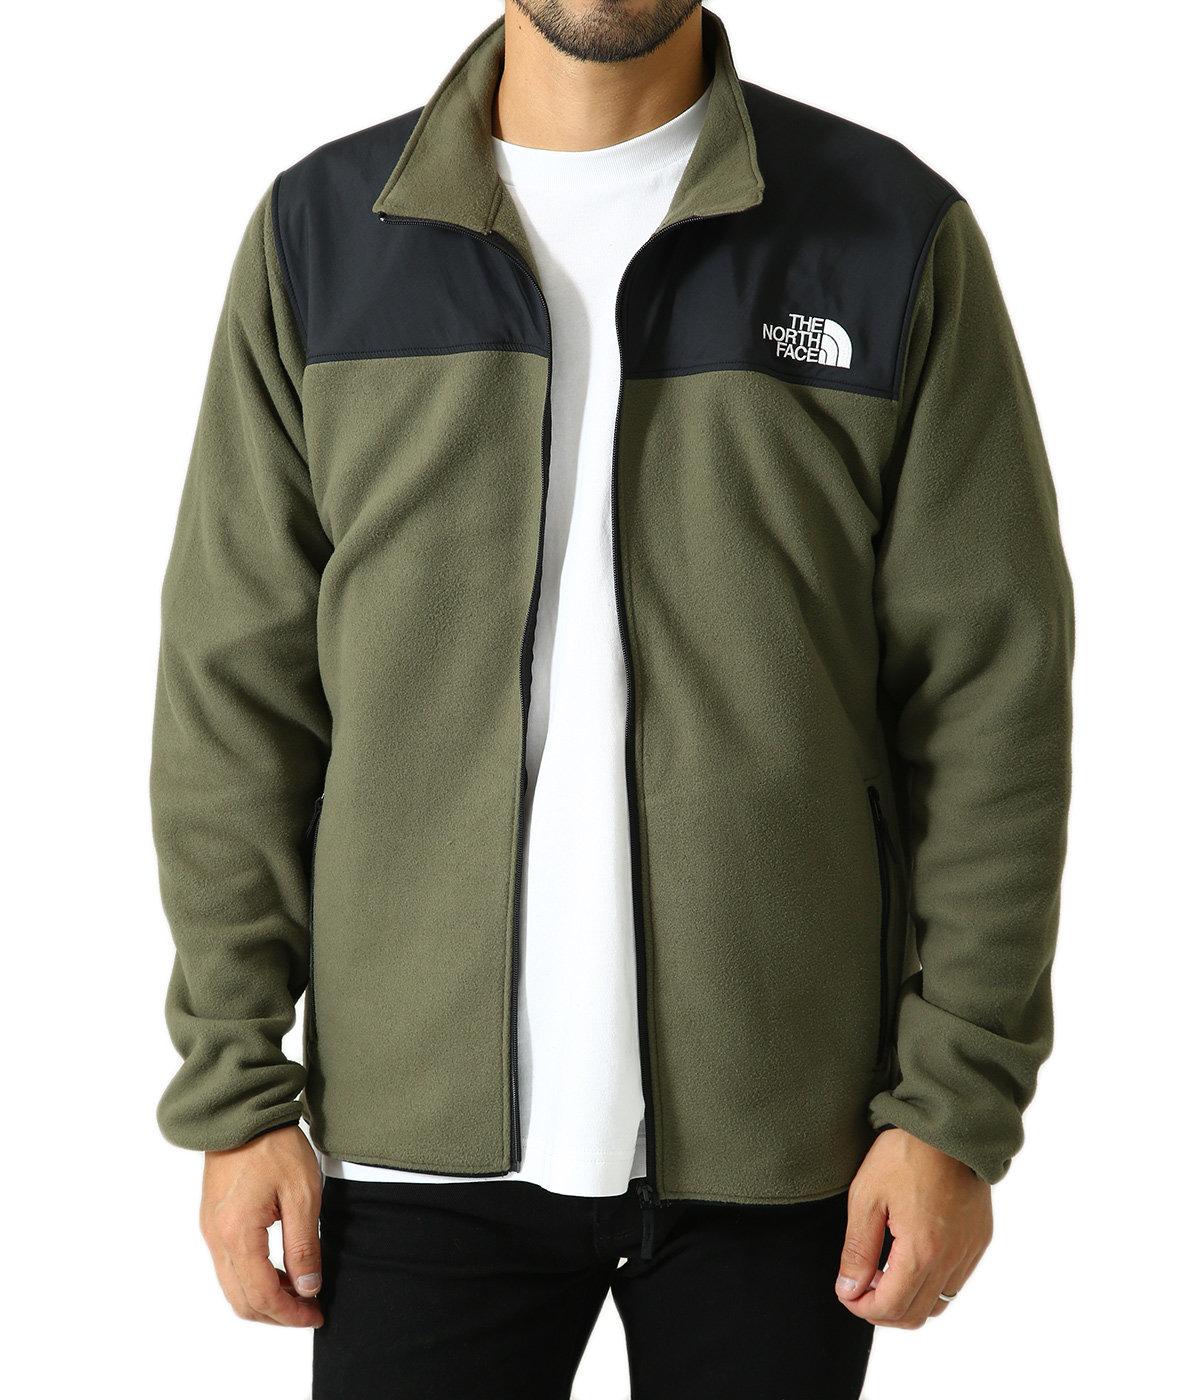 Mountain Versa Micro Jacket